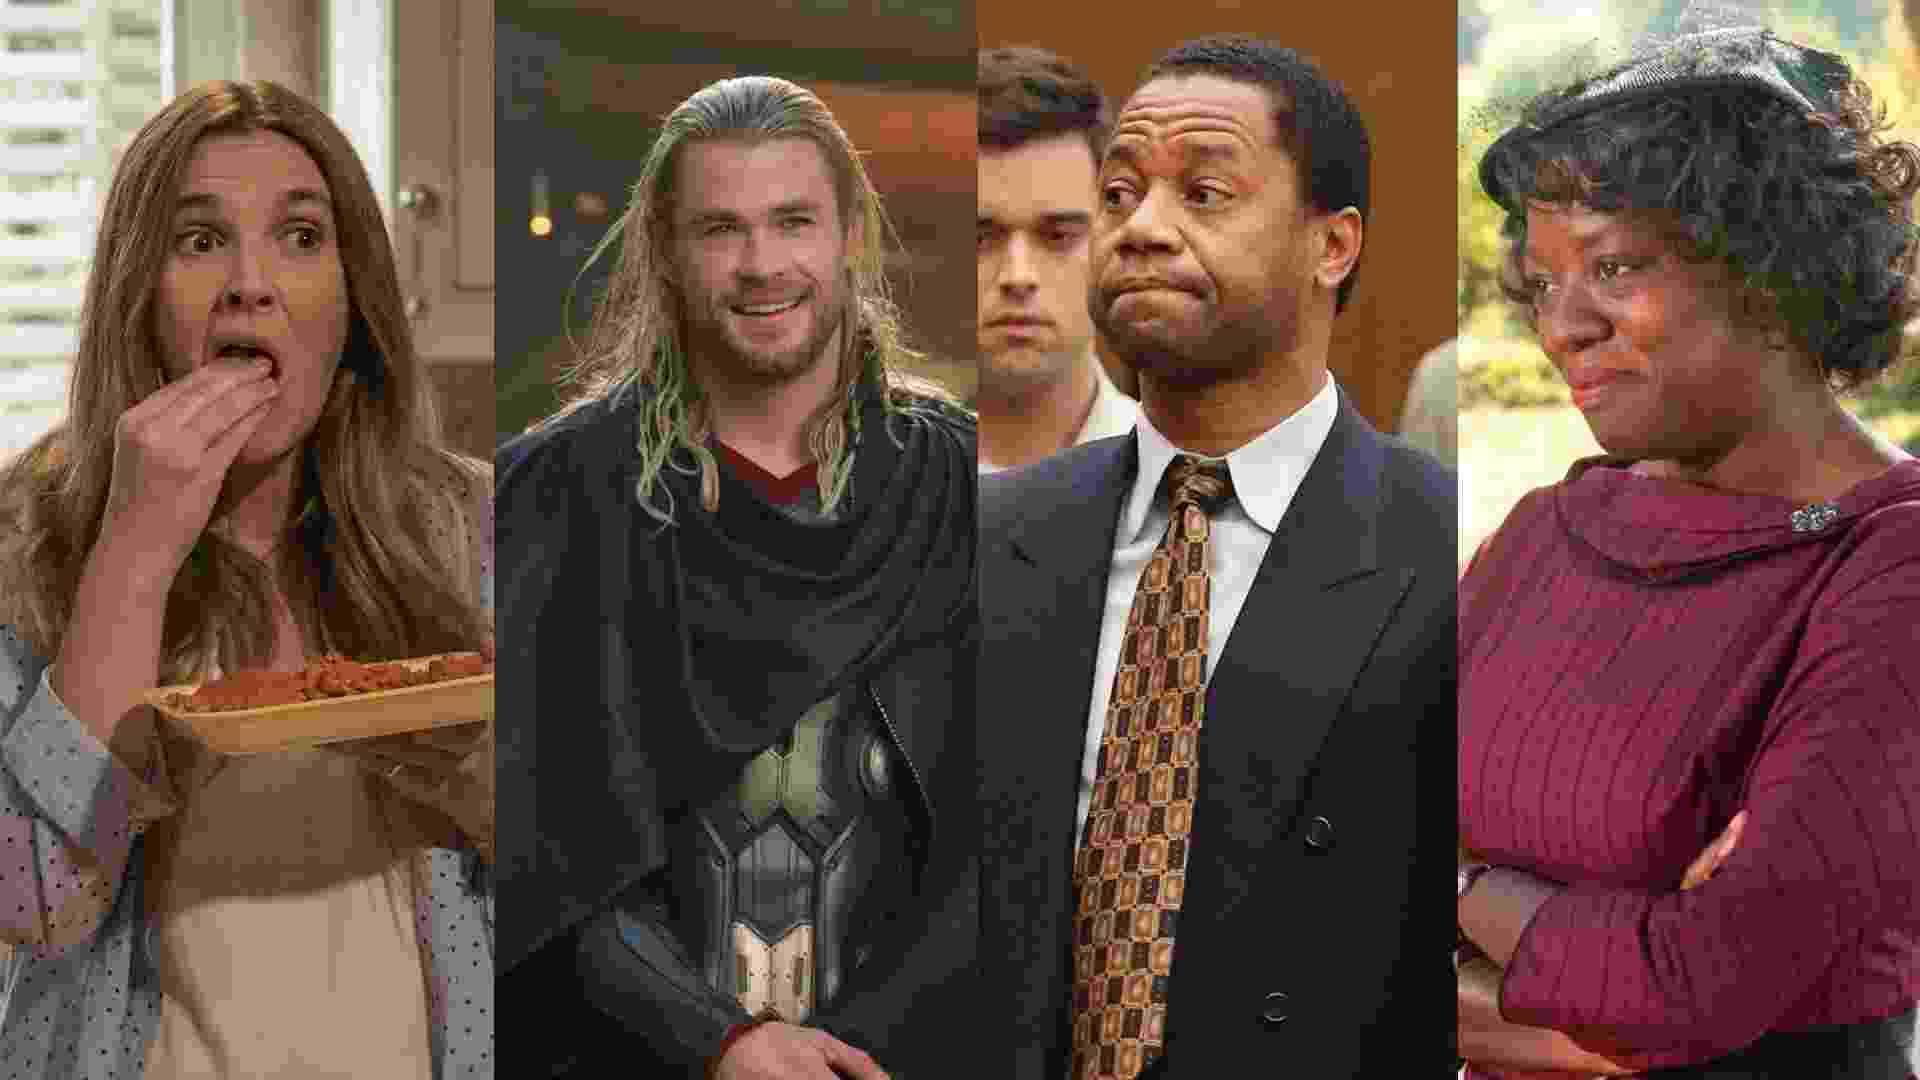 """Cena da série """"Santa Clarita Diet"""", do filme """"Thor: O Mundo Sombrio"""" (2013), de Alan Taylor, da série """"American Crime Story"""" (2016)e do filme """"Histórias Cruzadas"""" (2011), de Tate Taylor - Reprodução/Montagem"""